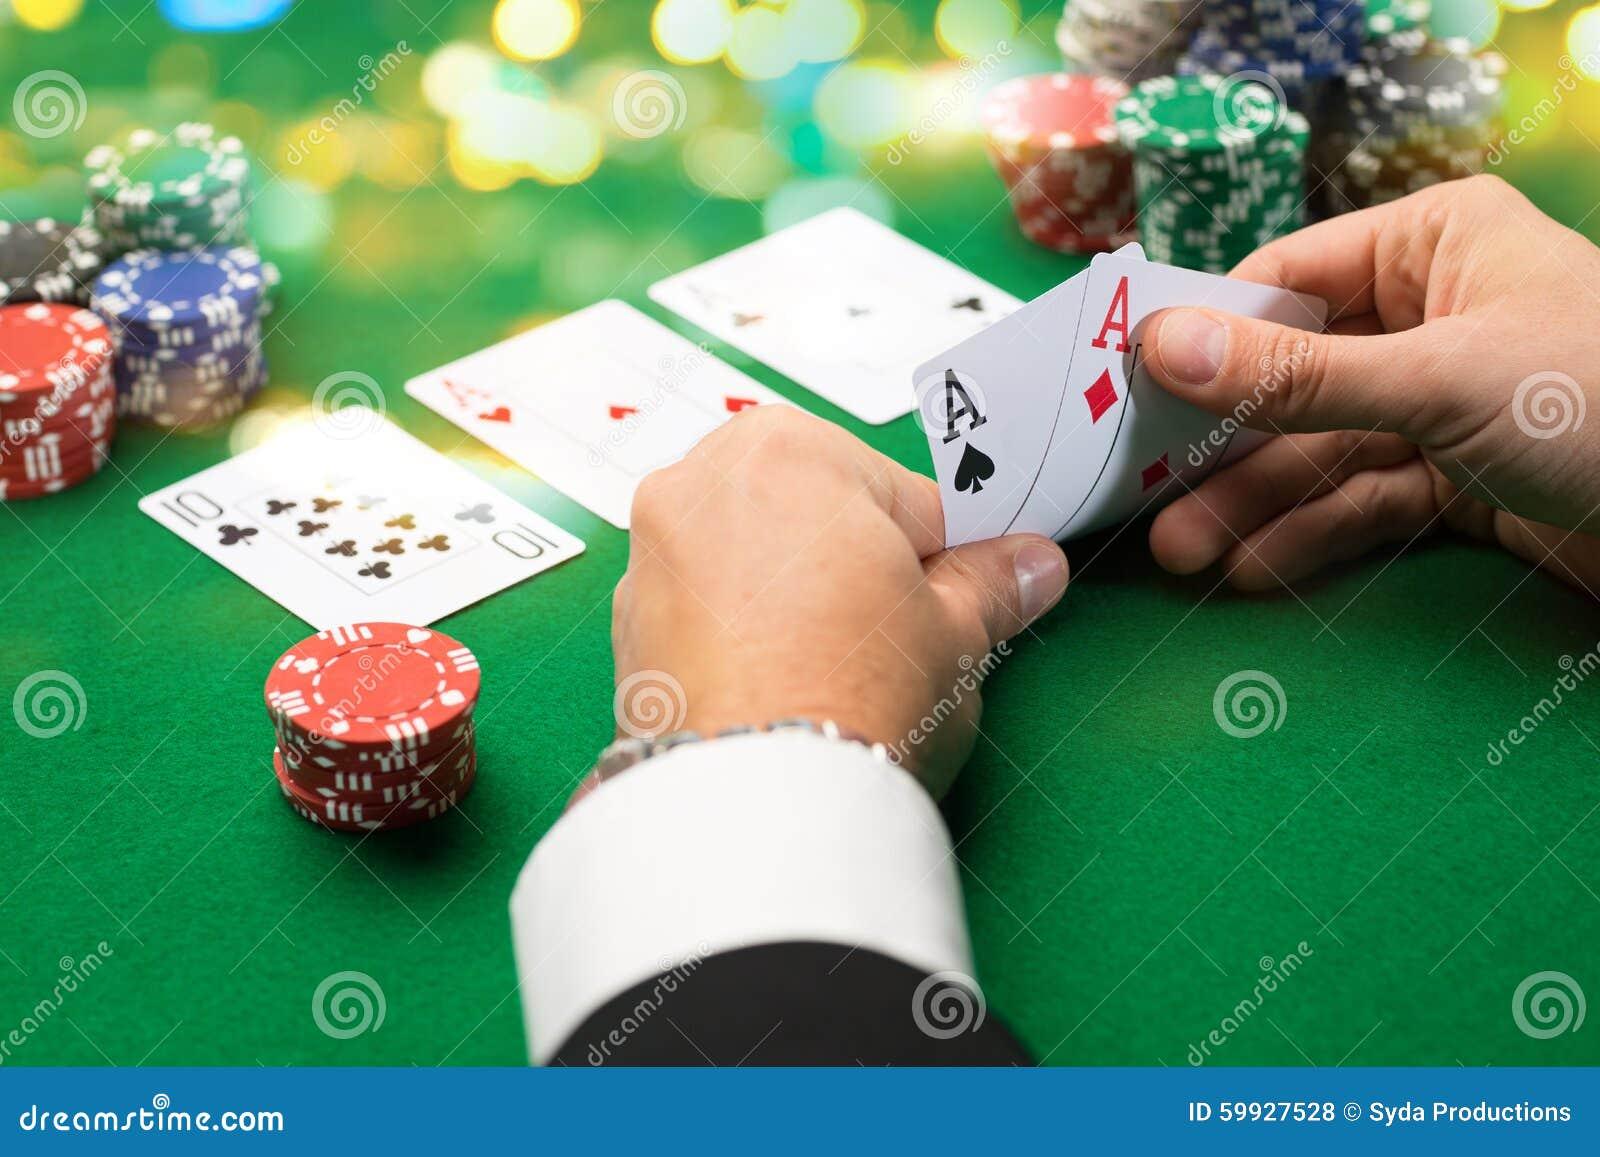 Pokerspieler mit Karten und Chips am Kasino